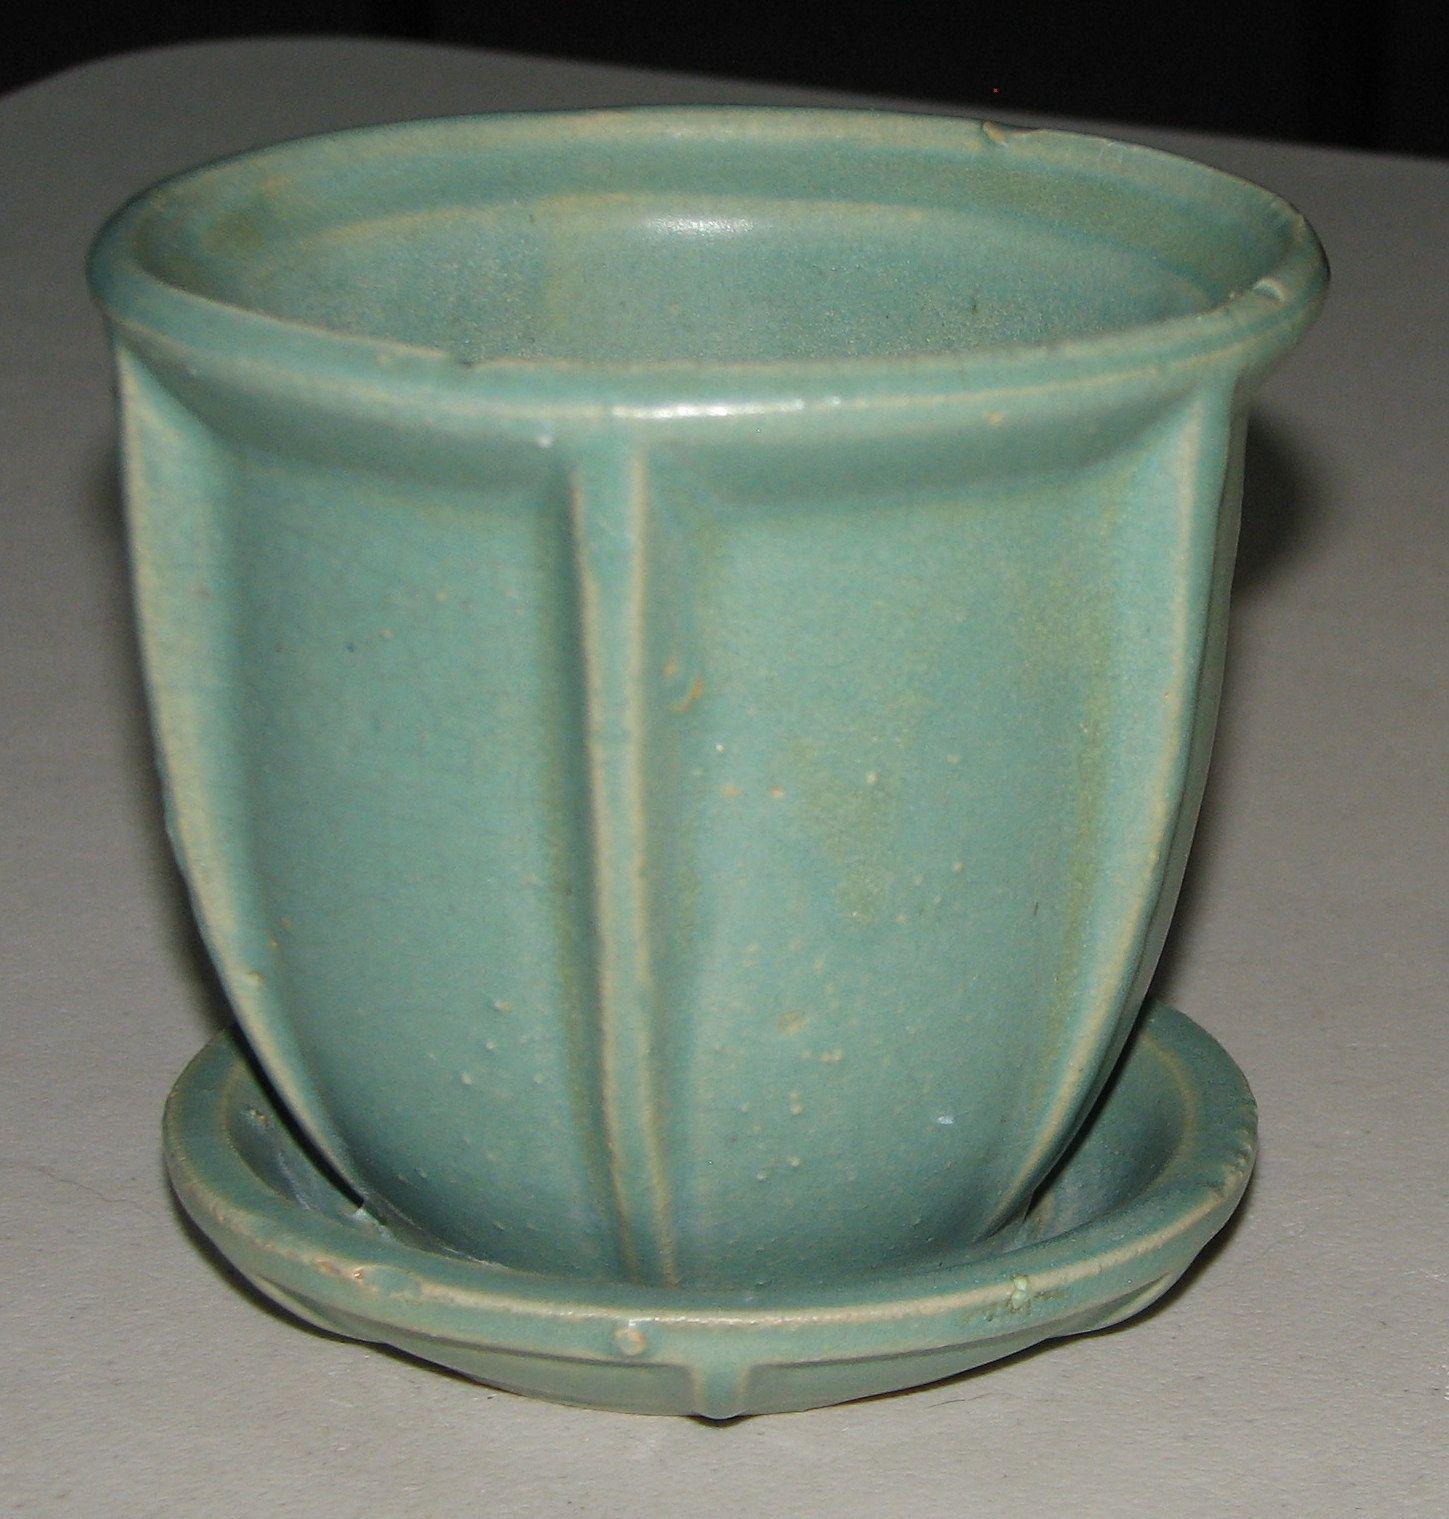 Mccoy Pottery Vintage Matte Green Fin Pot Amp Saucer Flower